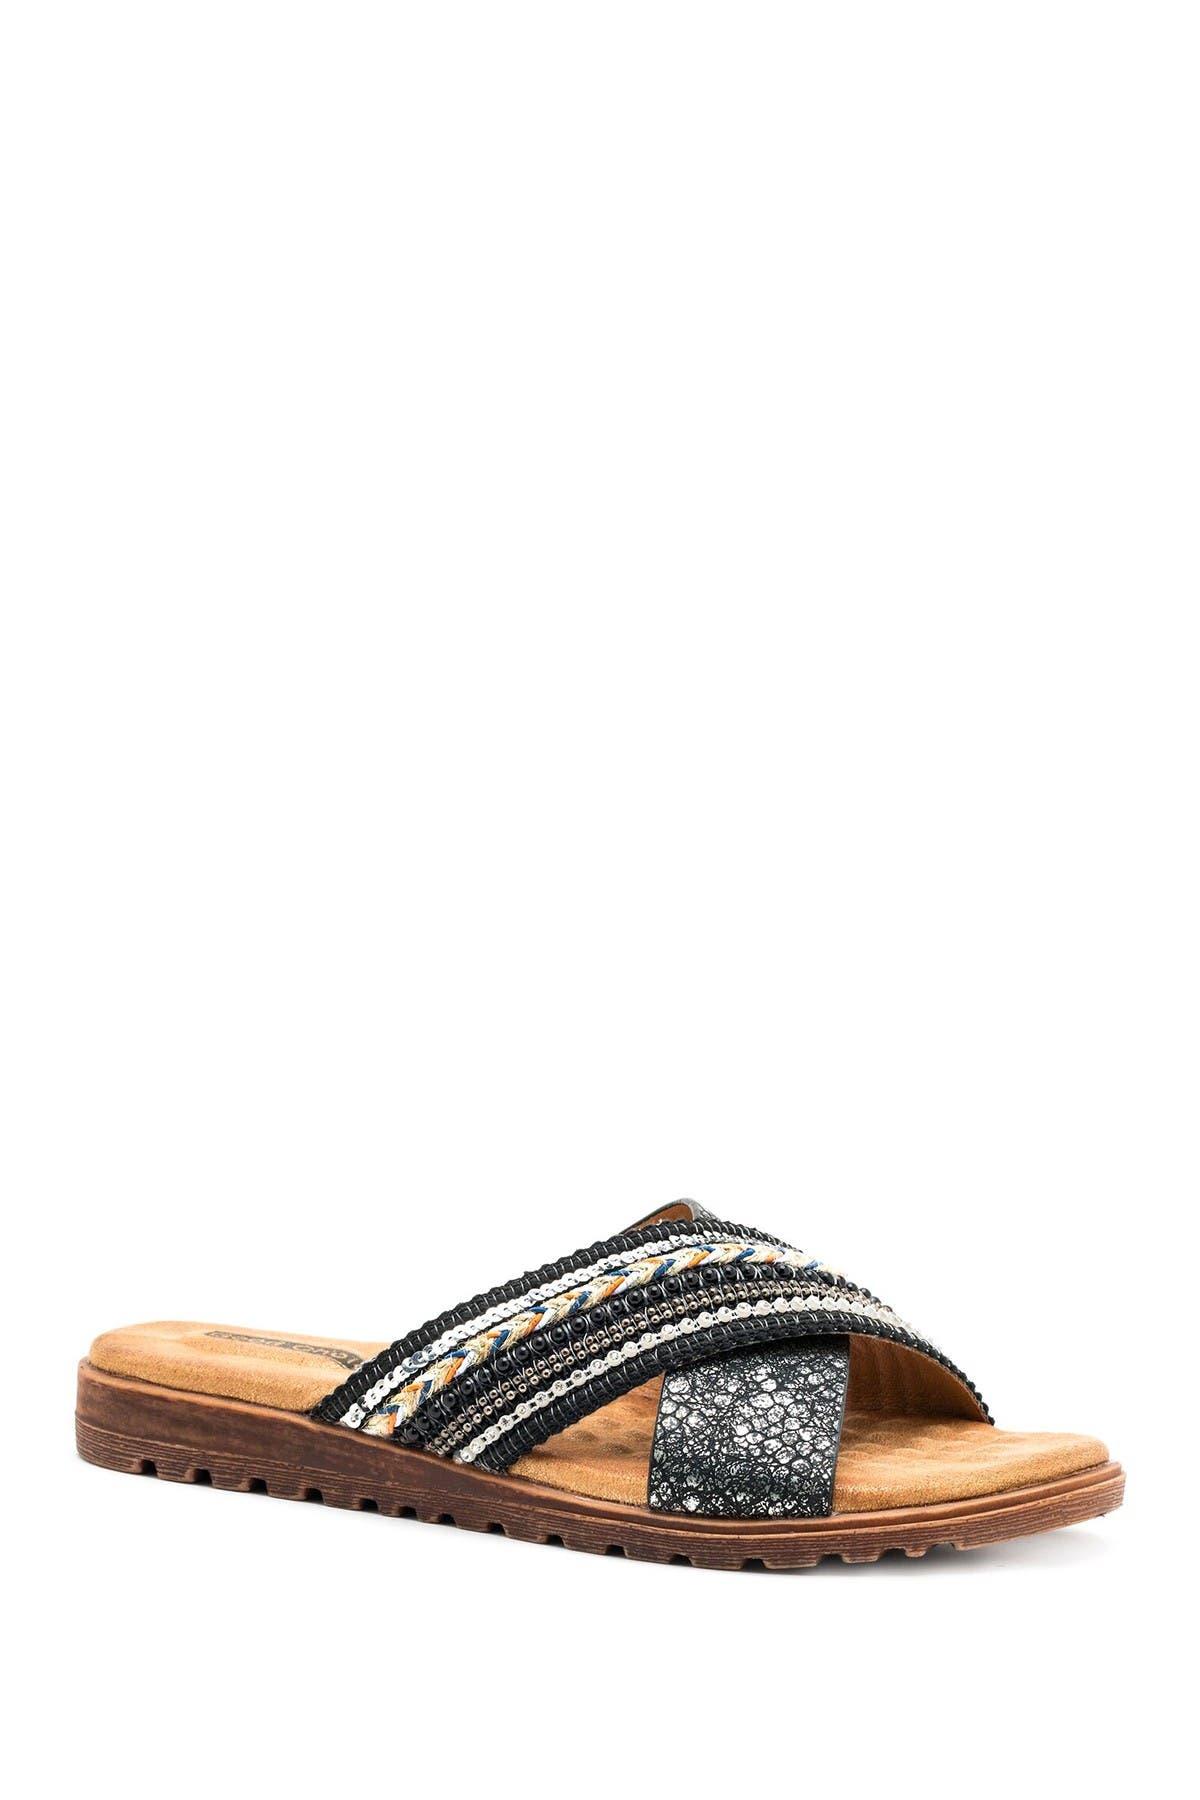 GC Shoes | Ari Beaded Crisscross Flat